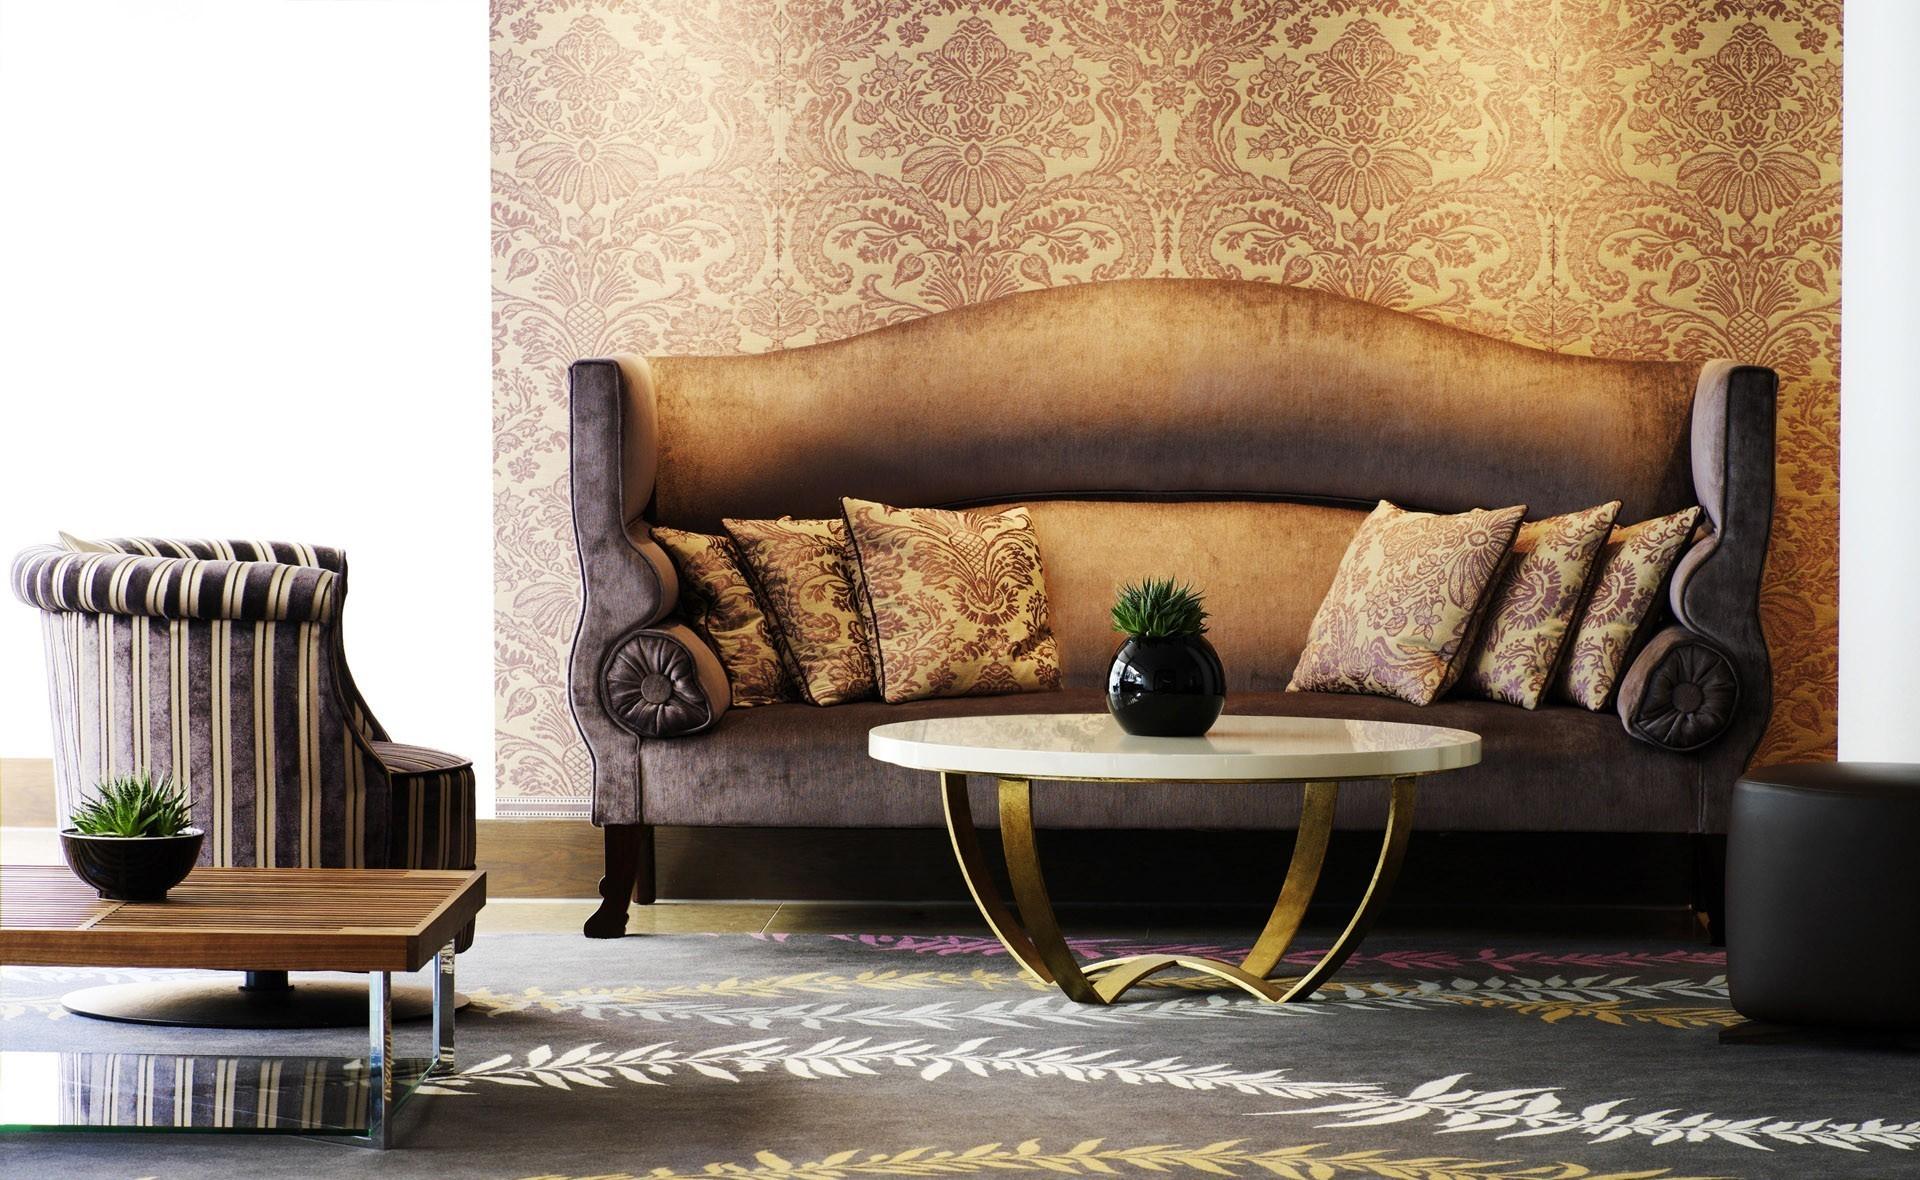 интерьер диван комната  № 3531339  скачать